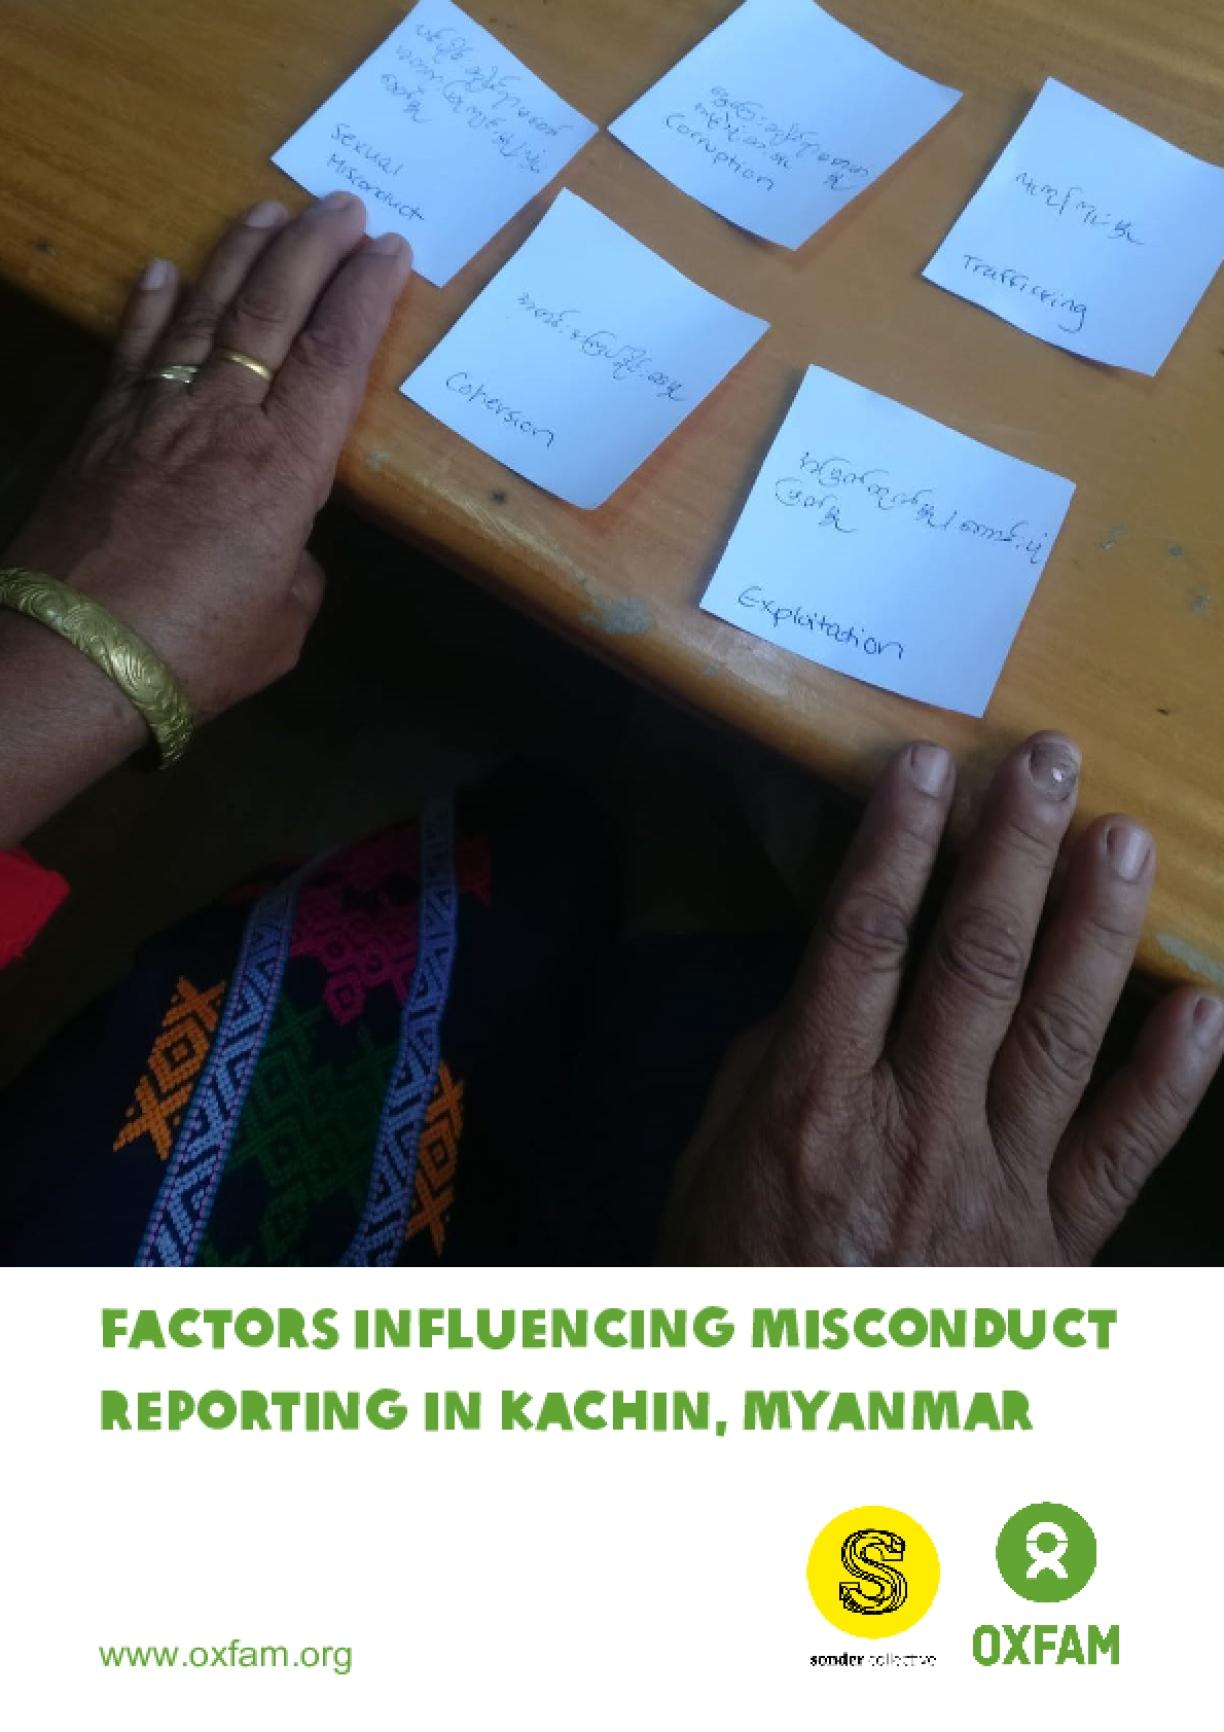 Factors Influencing Misconduct Reporting in Kachin, Myanmar